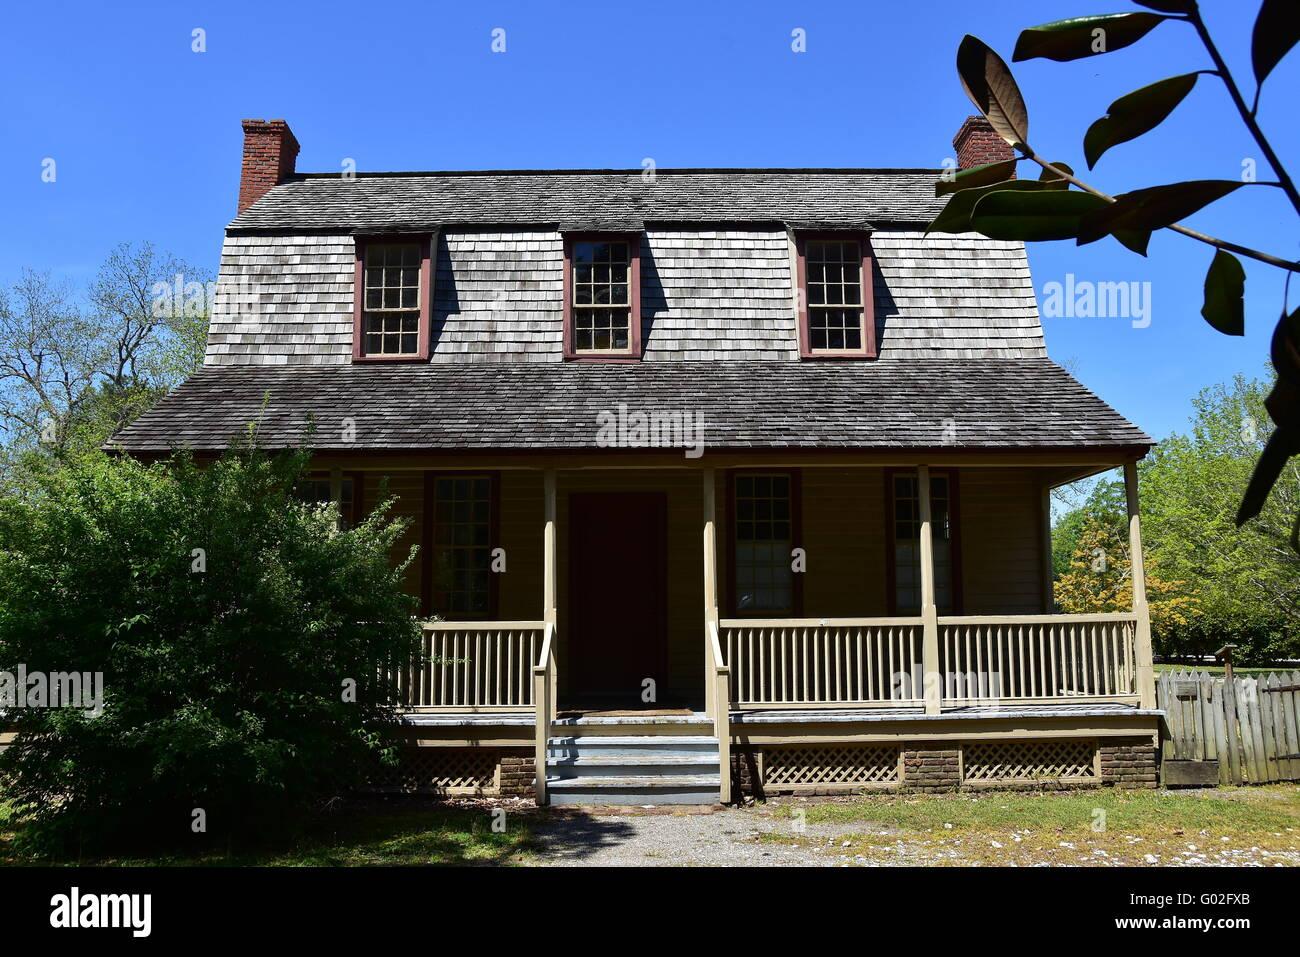 Bath North Carolina 1790 Van Der Veer Dutch Colonial Home With